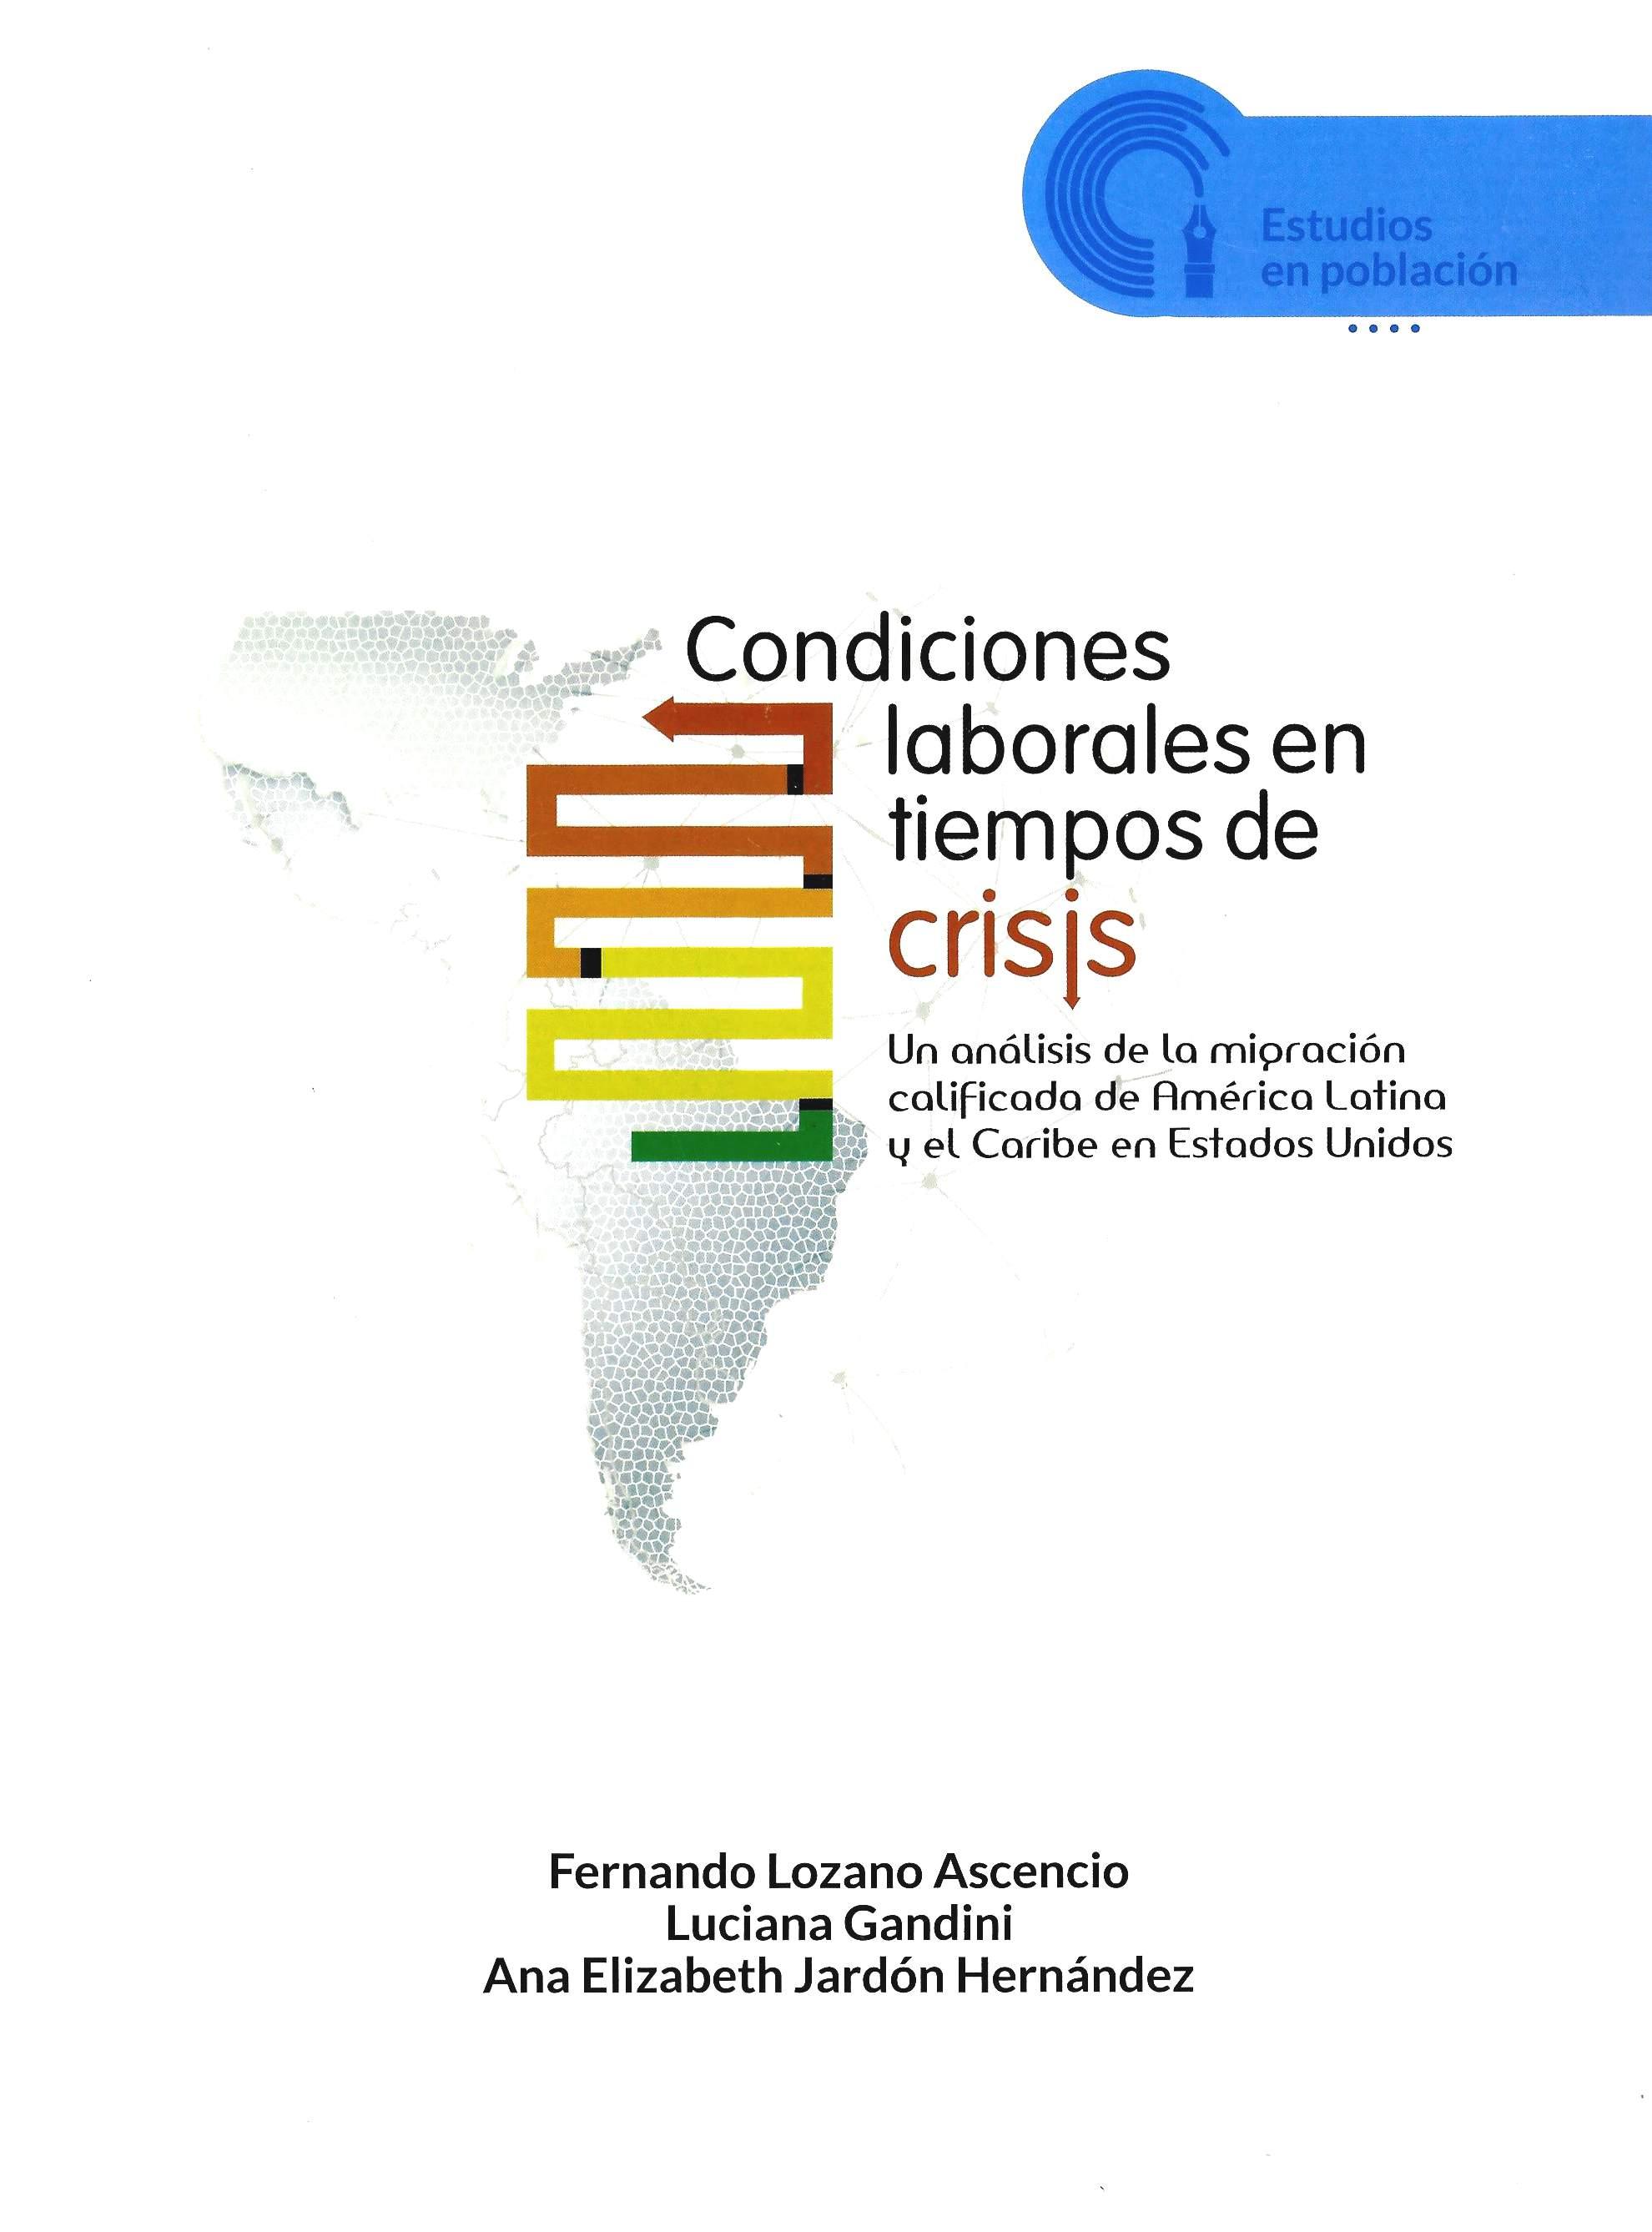 Condiciones laborales en tiempos de crisis. Un análisis de la migración calificada de América Latina y el Caribe en Estados Unidos